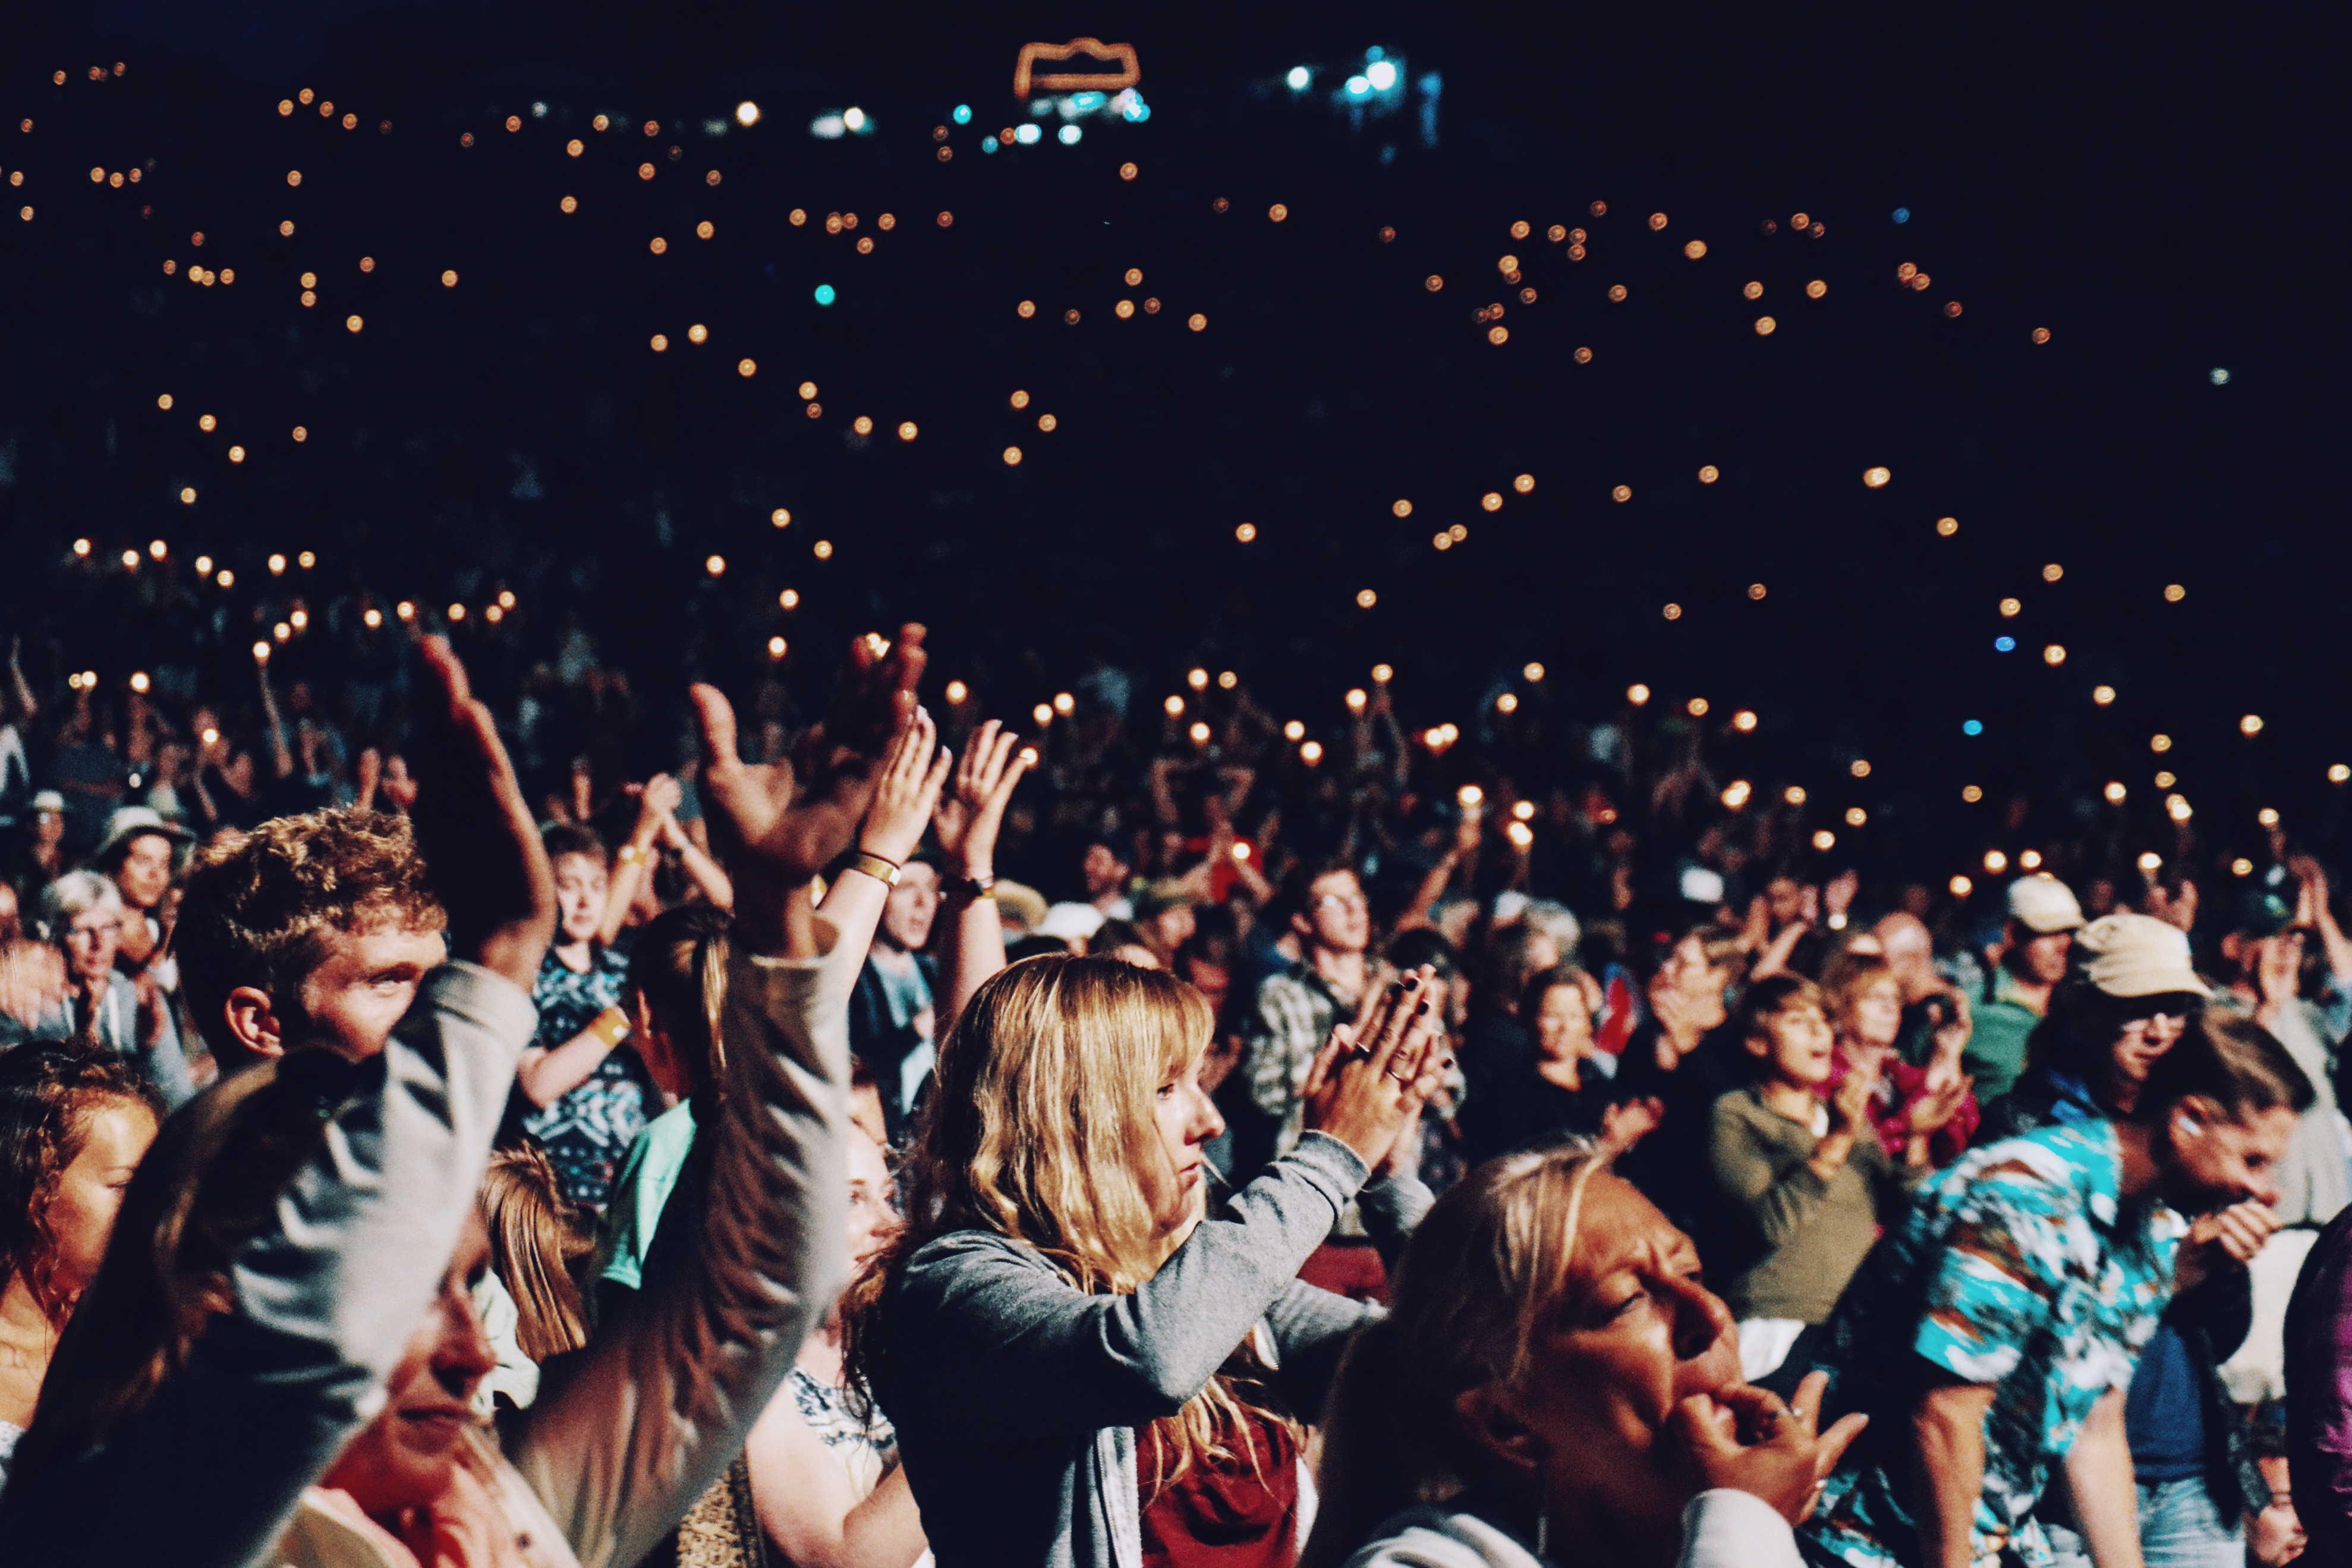 Comment votre agence digitale détermine le profil de votre audience ?